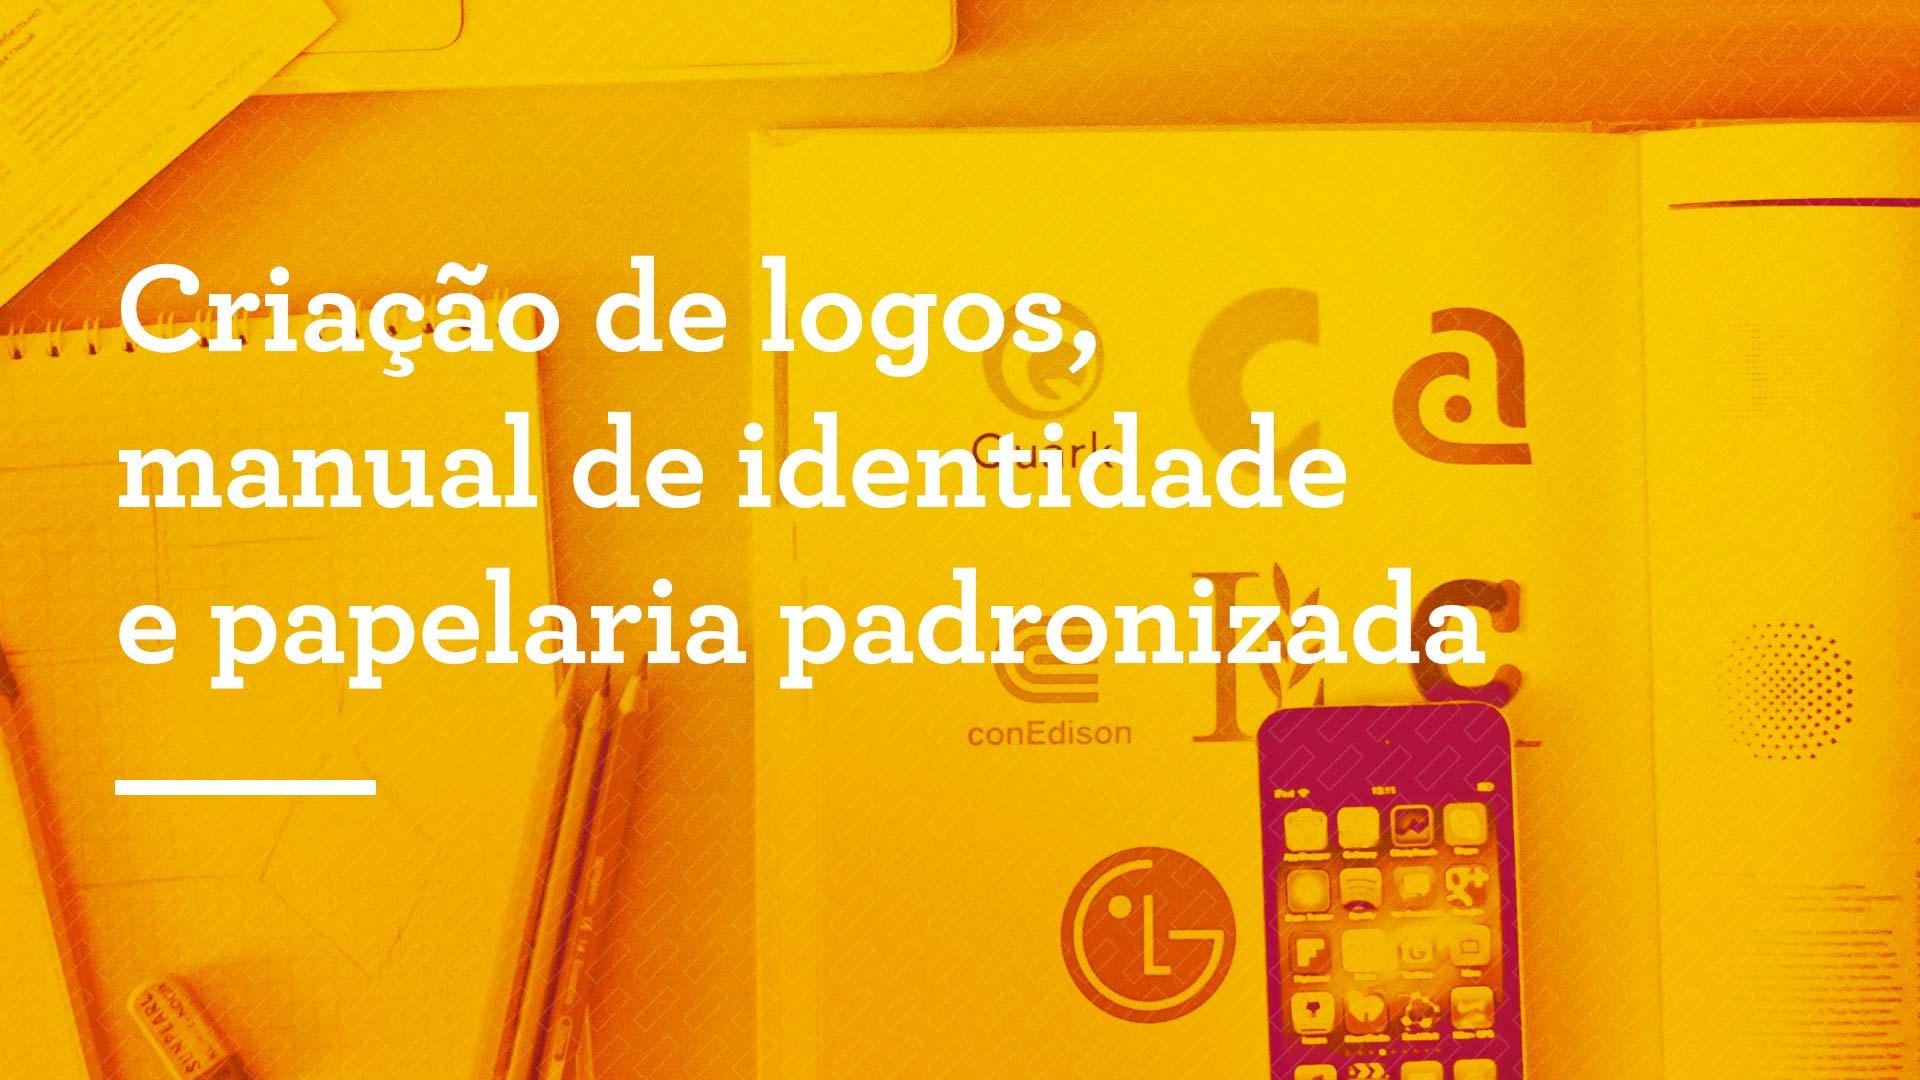 Criação de logos, manual de identidade e papelaria padronizada